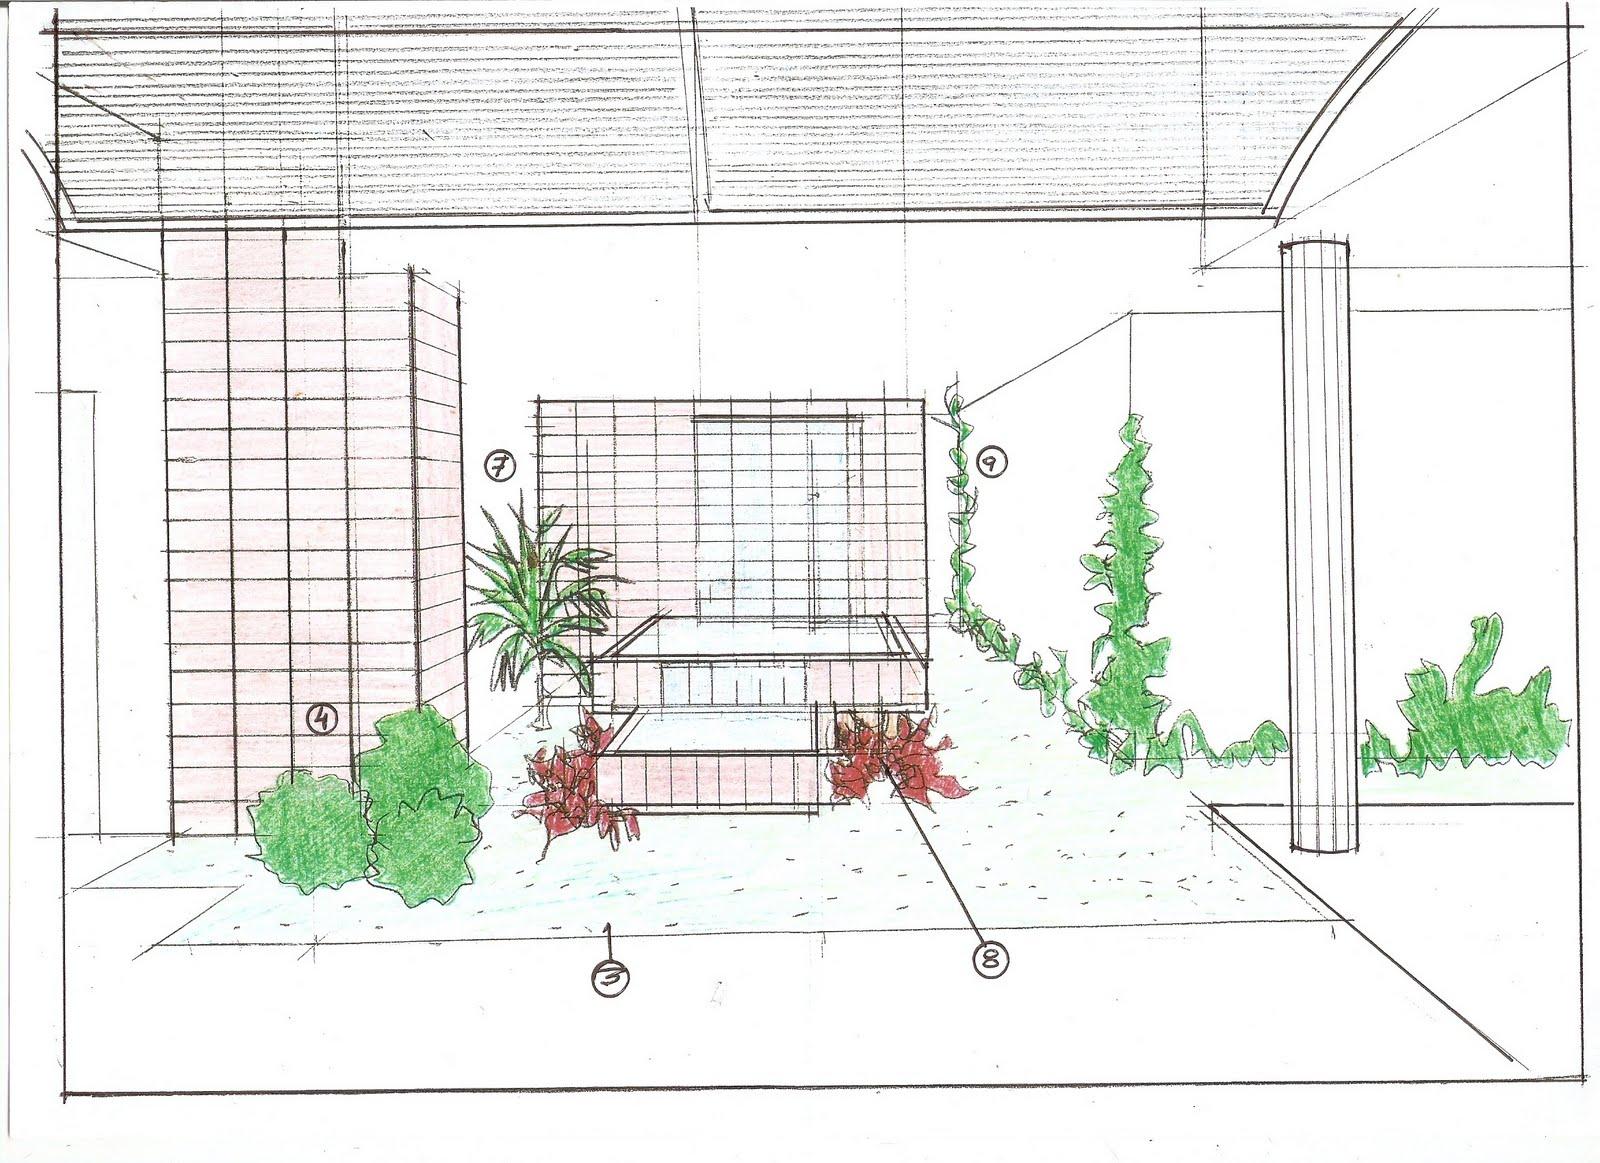 mobiliario de jardim em leiria:RW PAISAGISMO: PRANCHETA: JARDIM HOSPITAL DE OLHOS LEIRIA DE ANDRADE